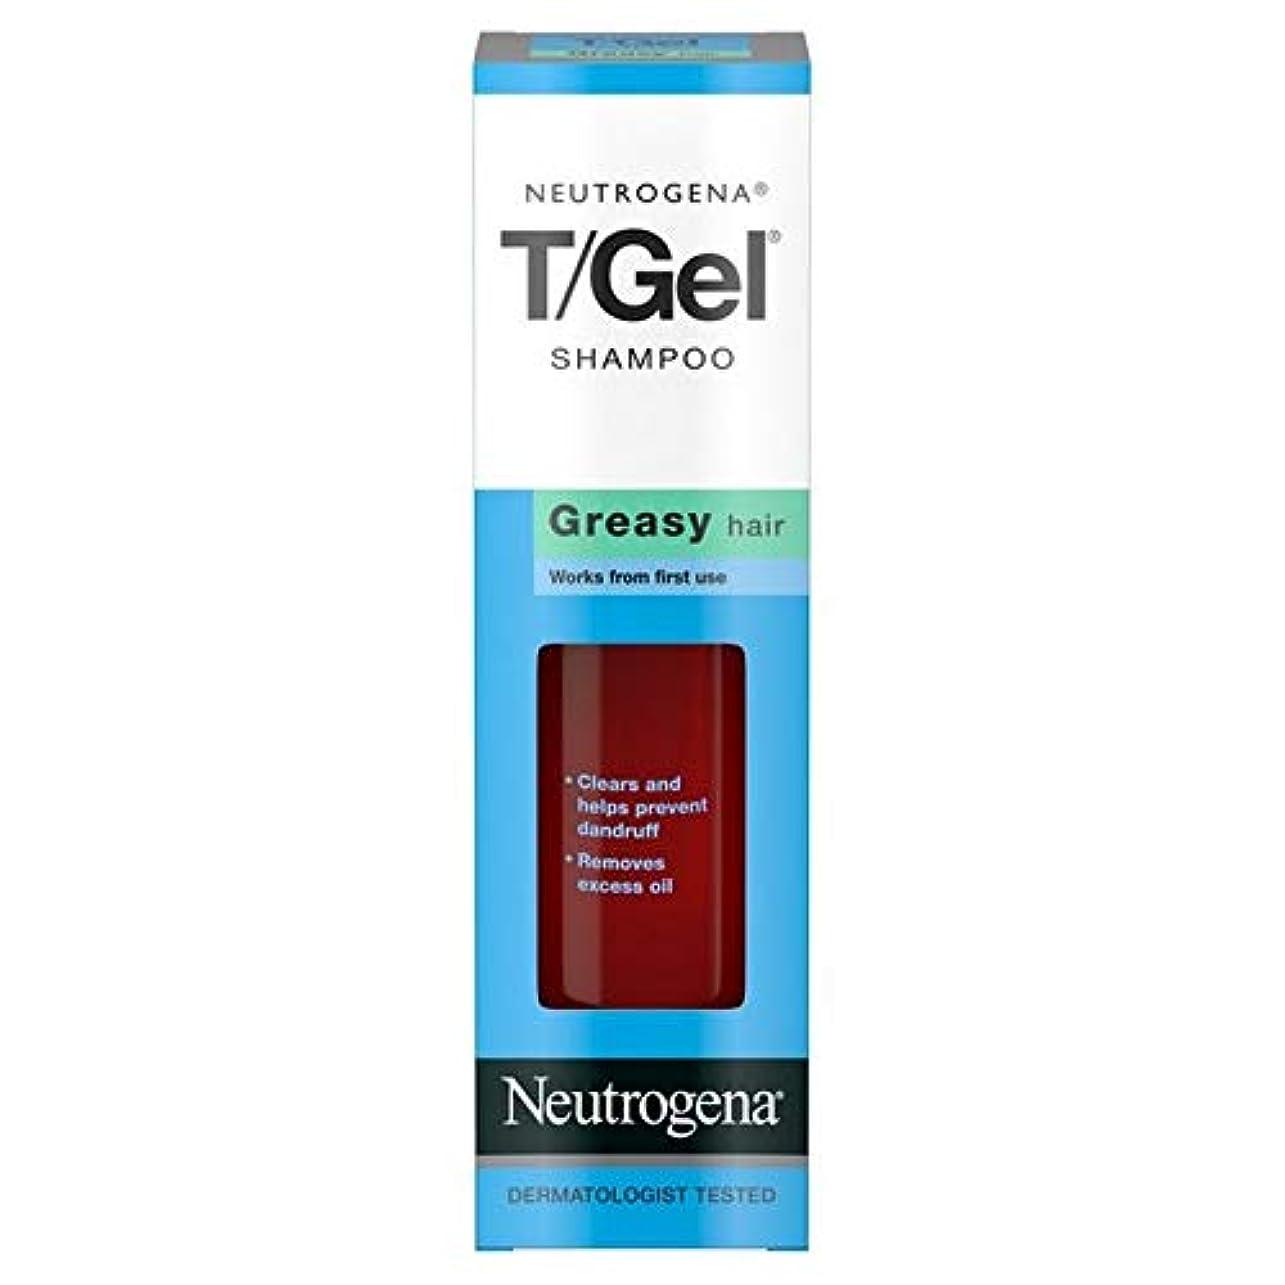 乱用わずらわしい肥満[Neutrogena ] ニュートロジーナトン/ゲル脂ぎった髪シャンプー250Ml - Neutrogena T/Gel Greasy Hair Shampoo 250ml [並行輸入品]